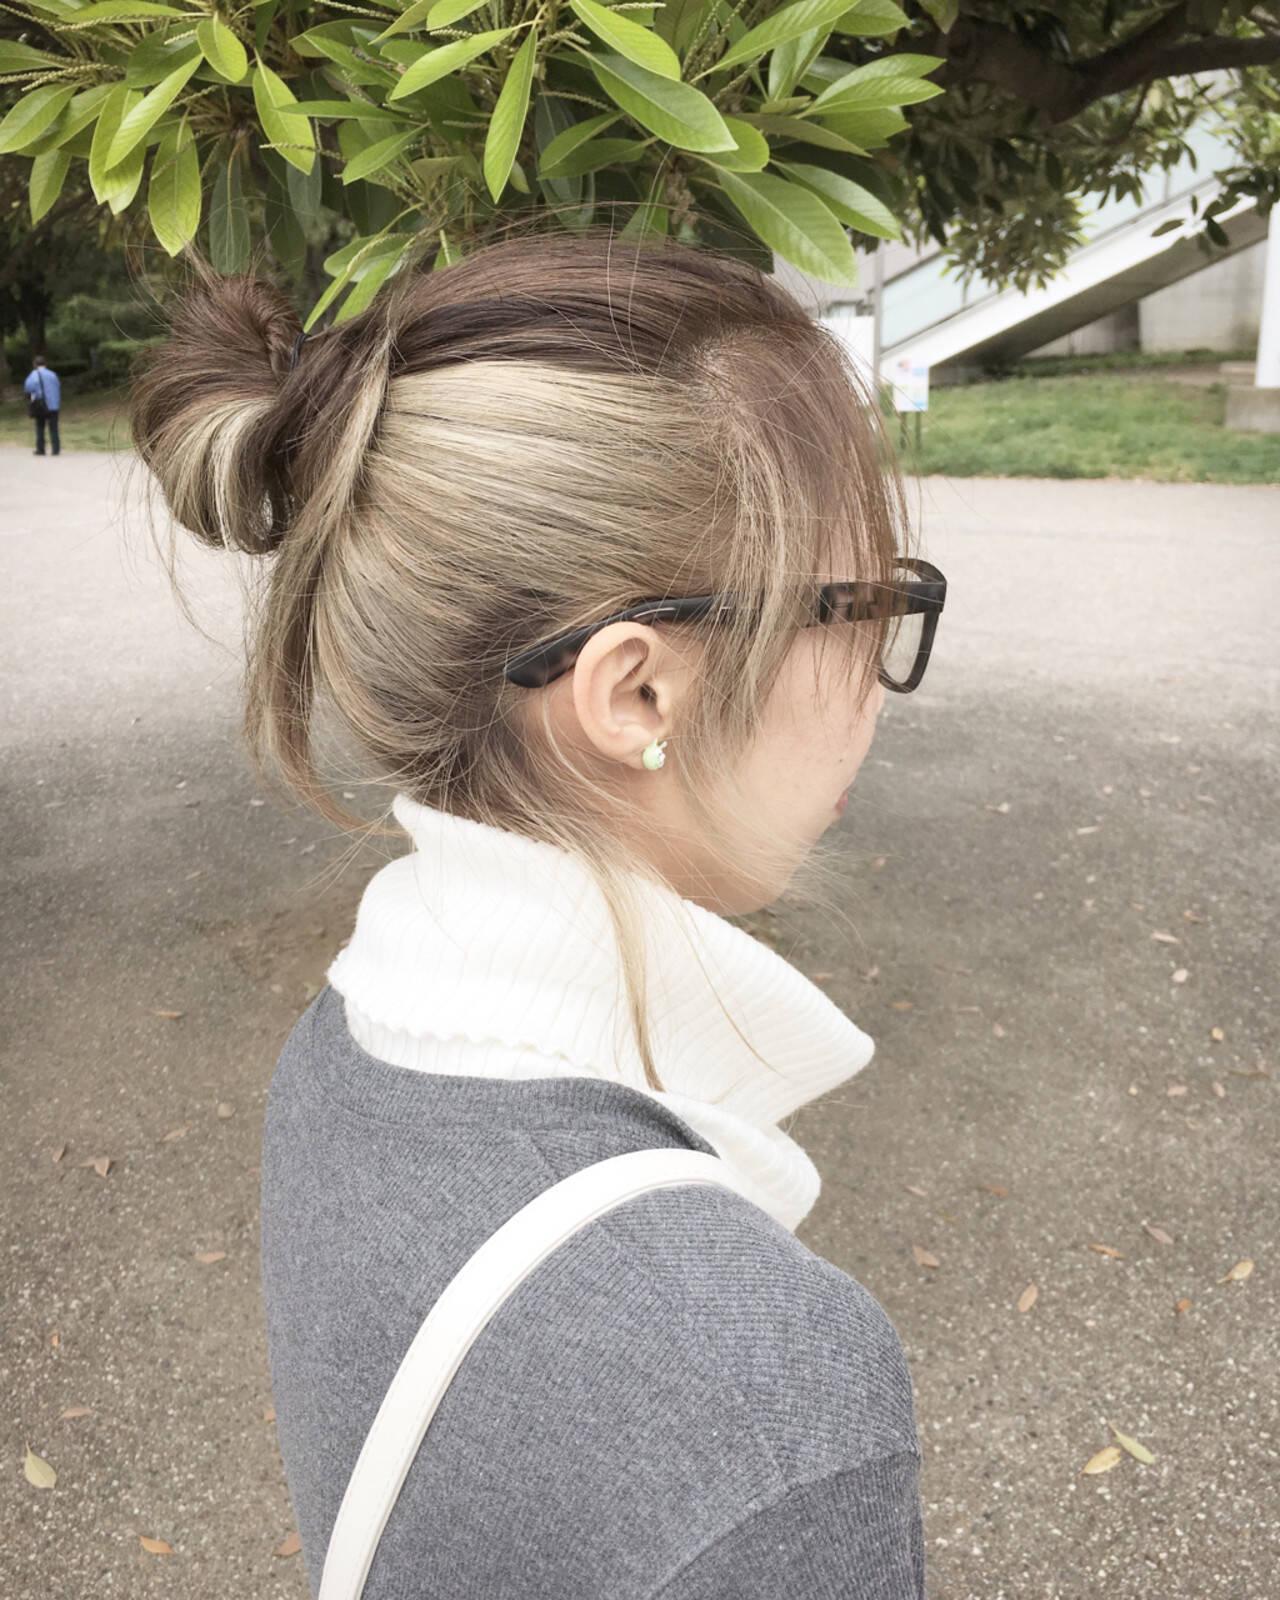 アッシュ ストリート ヘアアレンジ イルミナカラーヘアスタイルや髪型の写真・画像